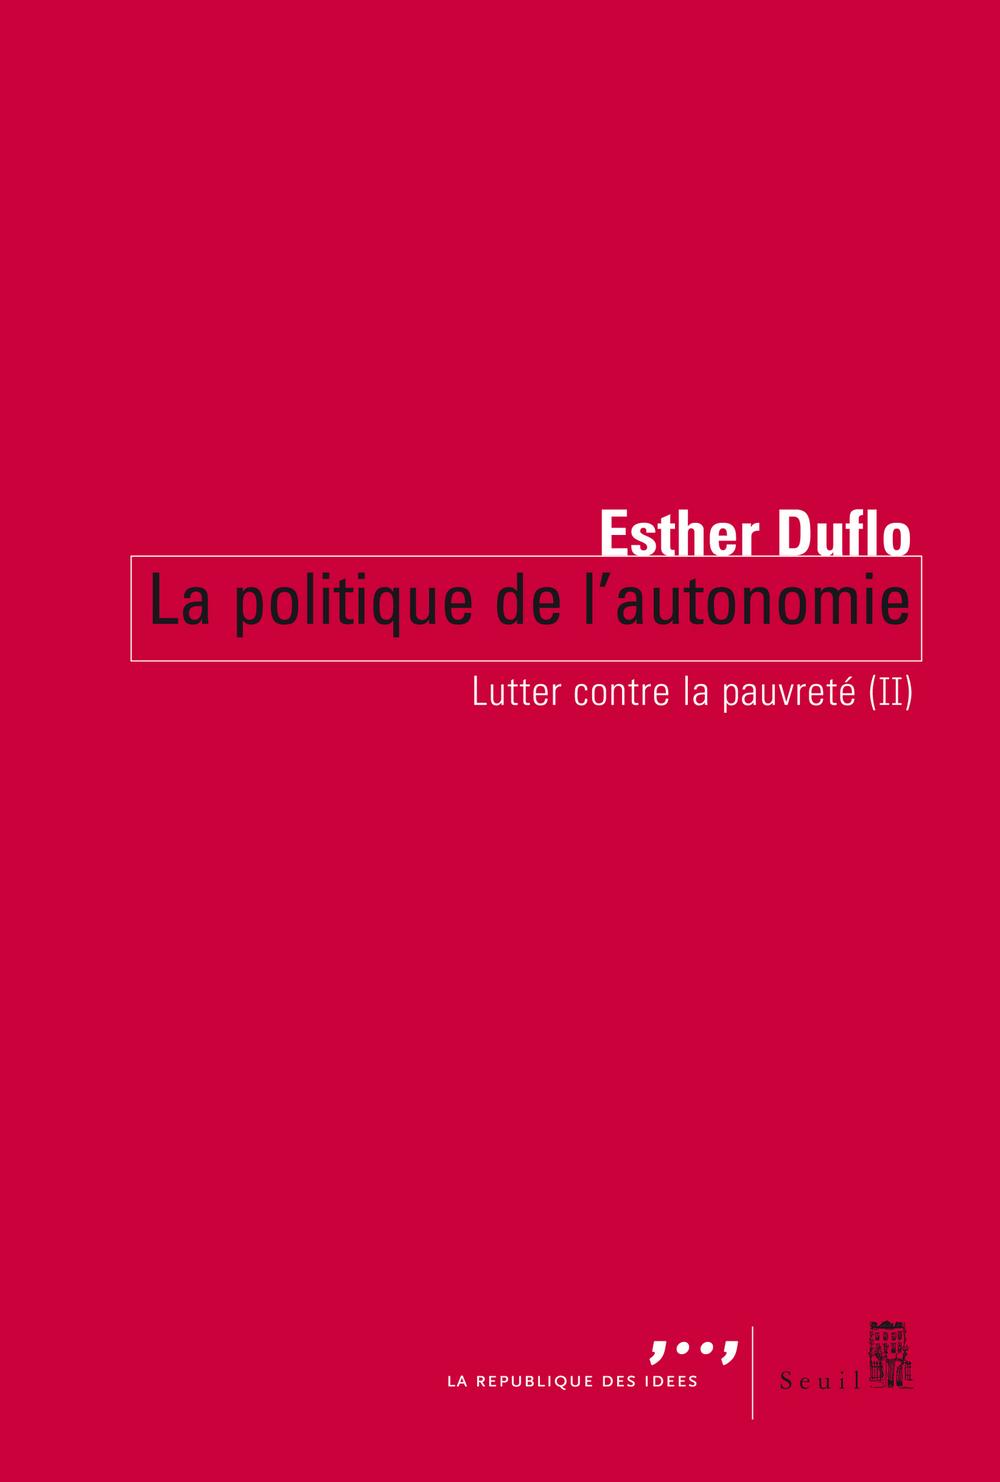 La Politique de l'autonomie. Lutter contre la pauvreté (II)